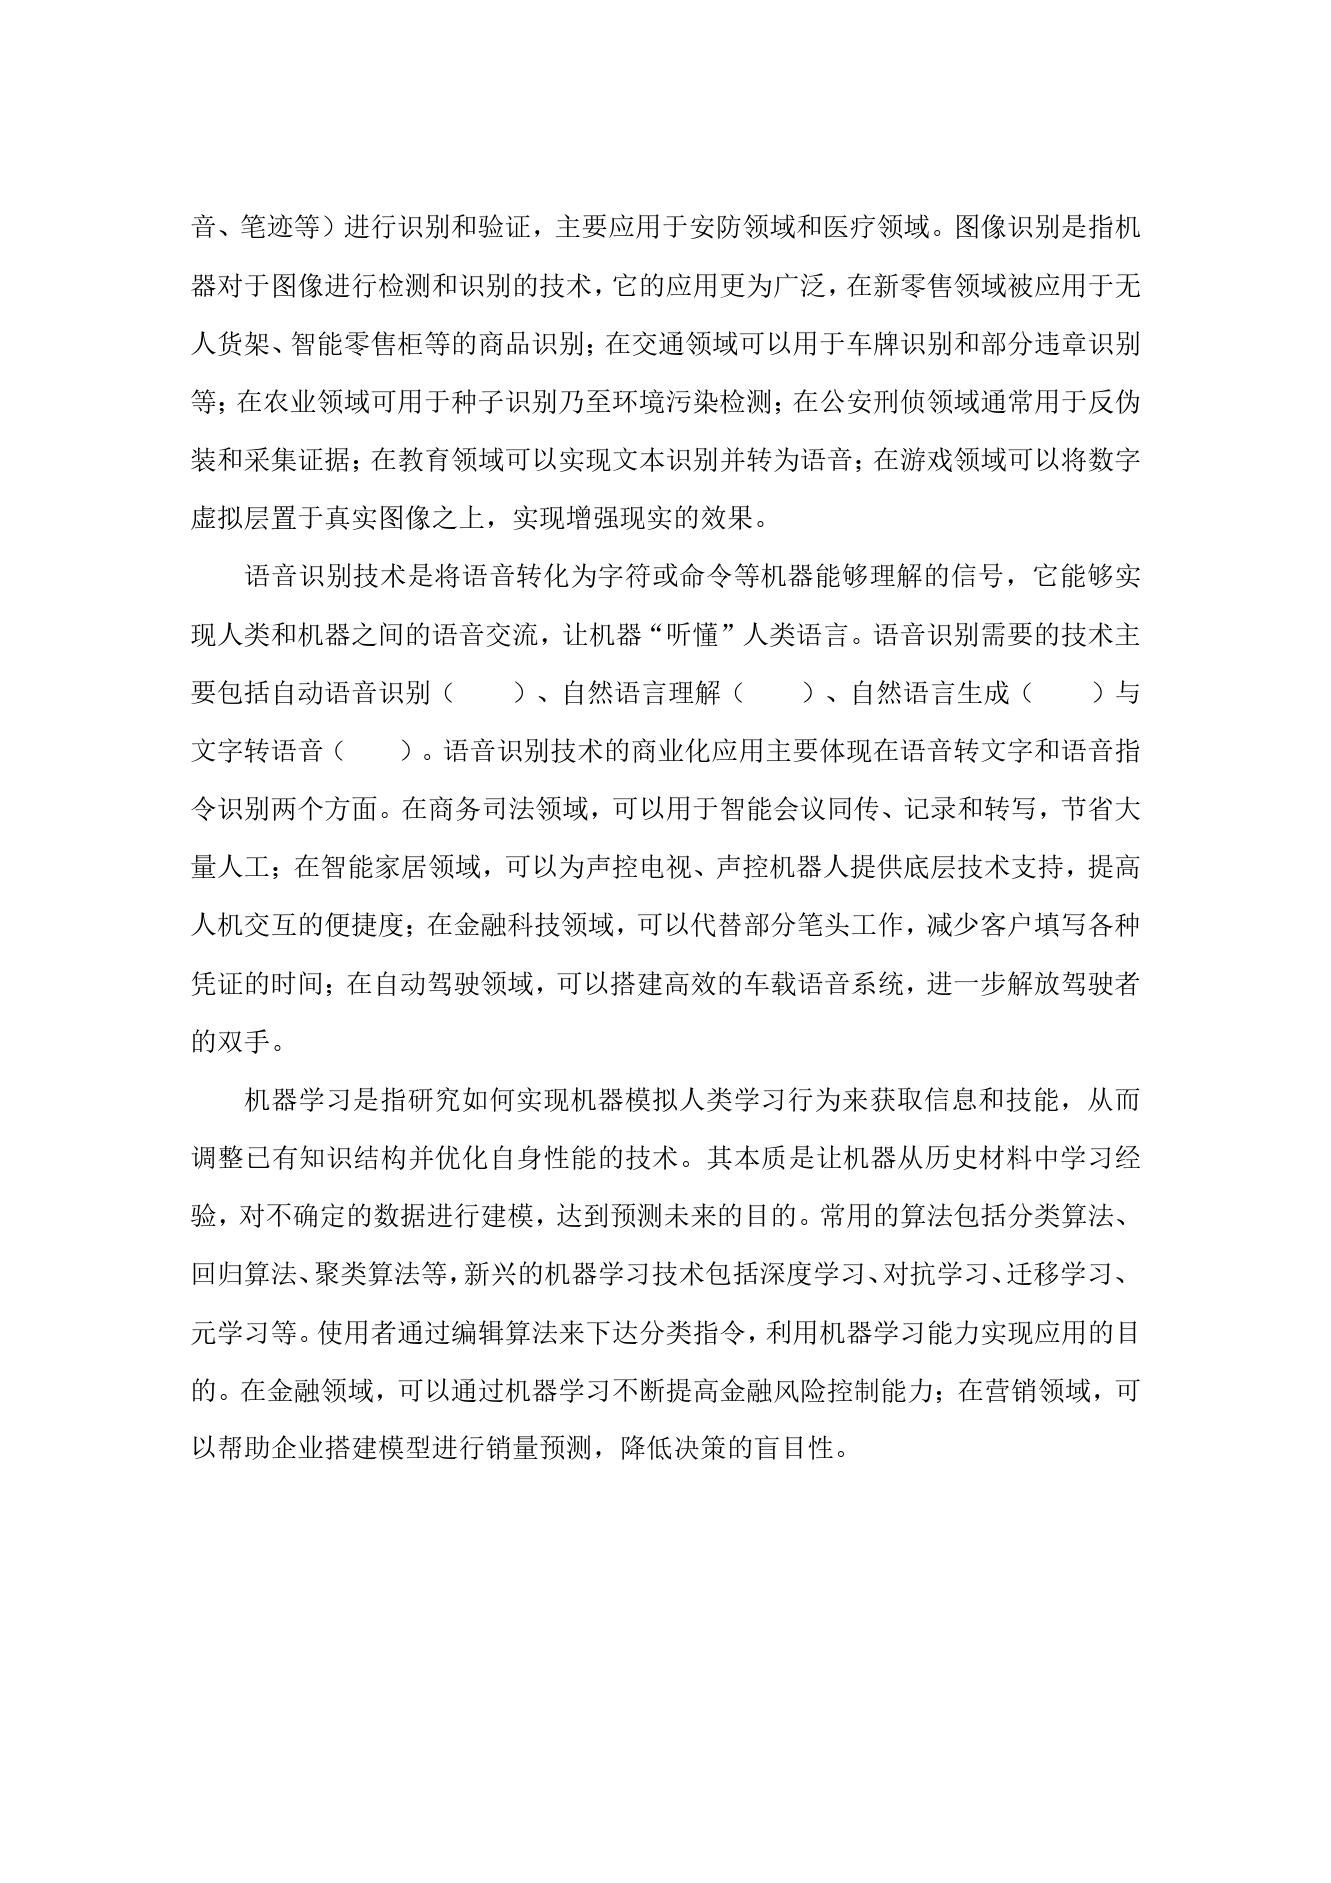 36氪研究院:2020年中国城市人工智能发展指数报告(可下载报告)插图(33)